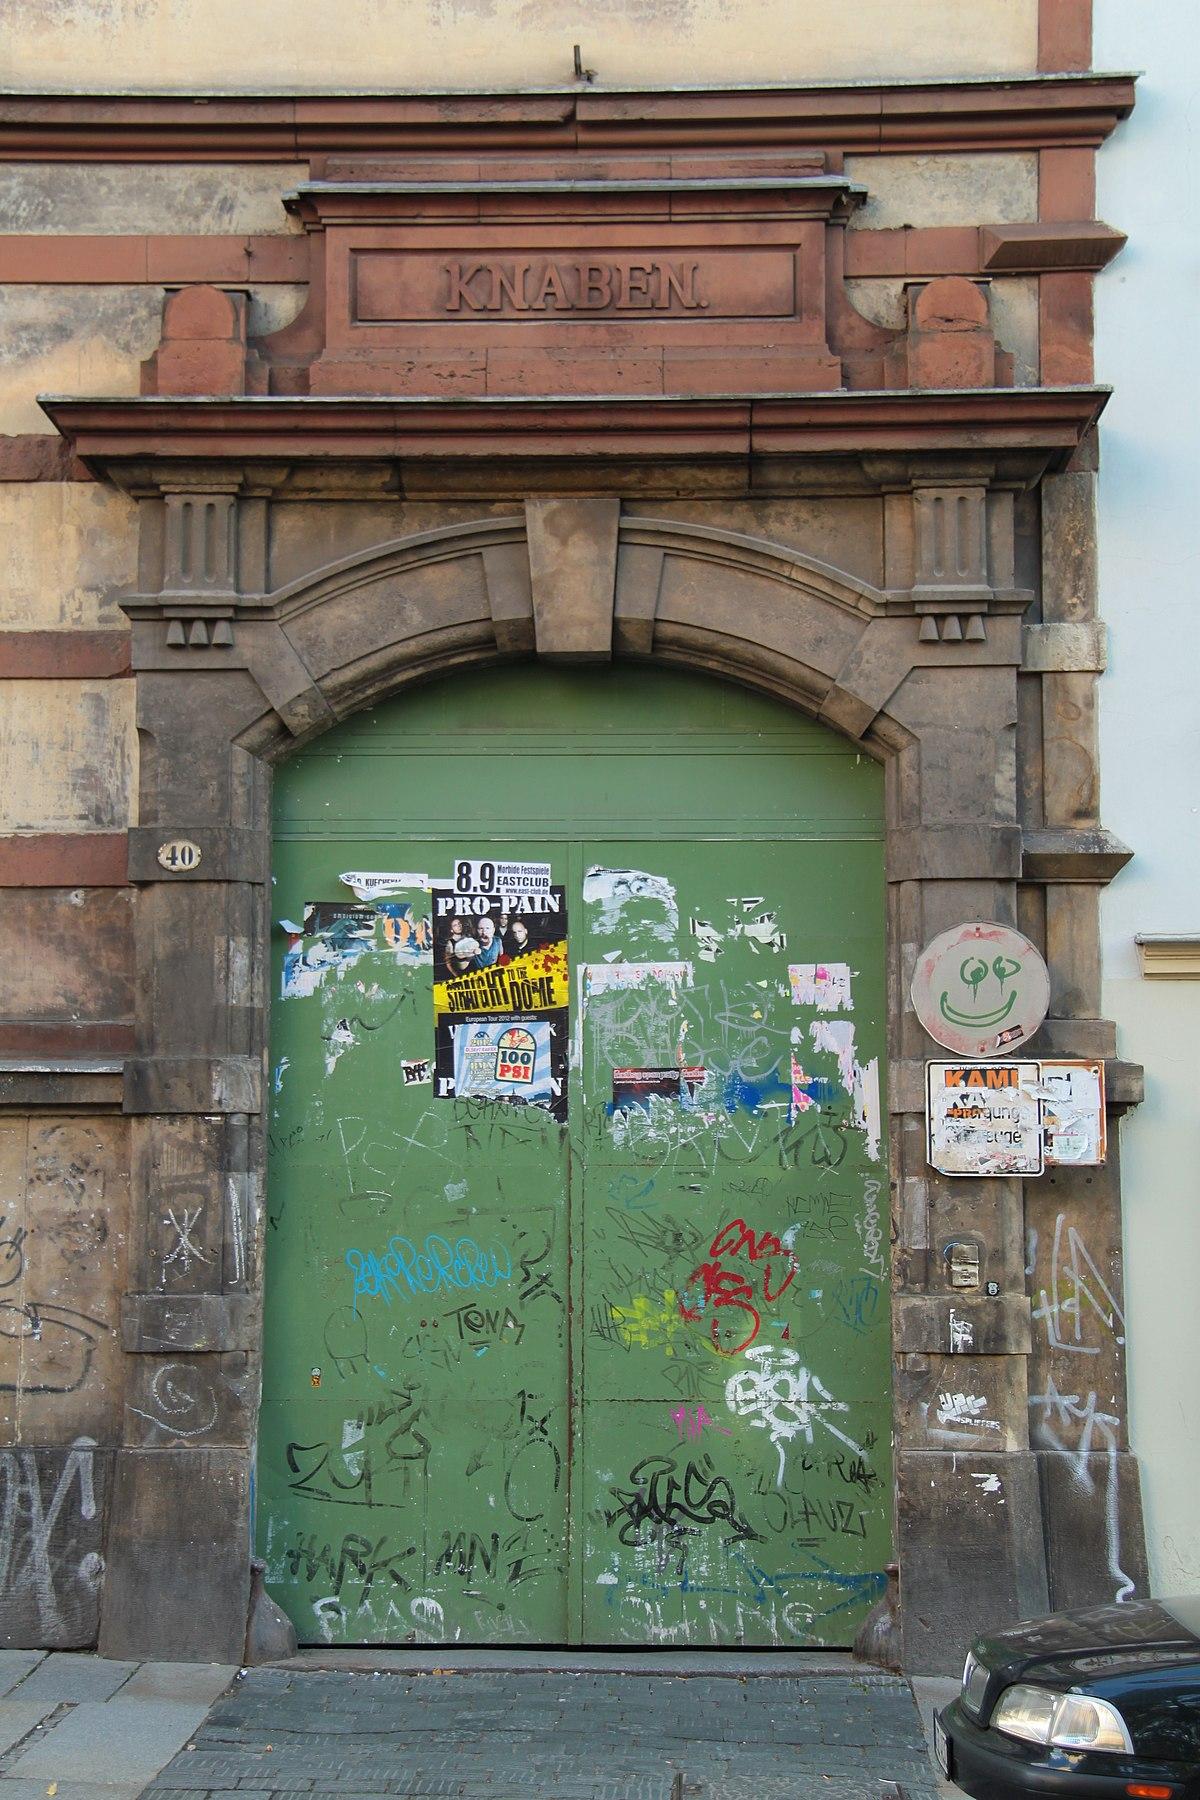 https://commons.wikimedia.org/wiki/File:Dresden_2012-09-06-0520.jpg